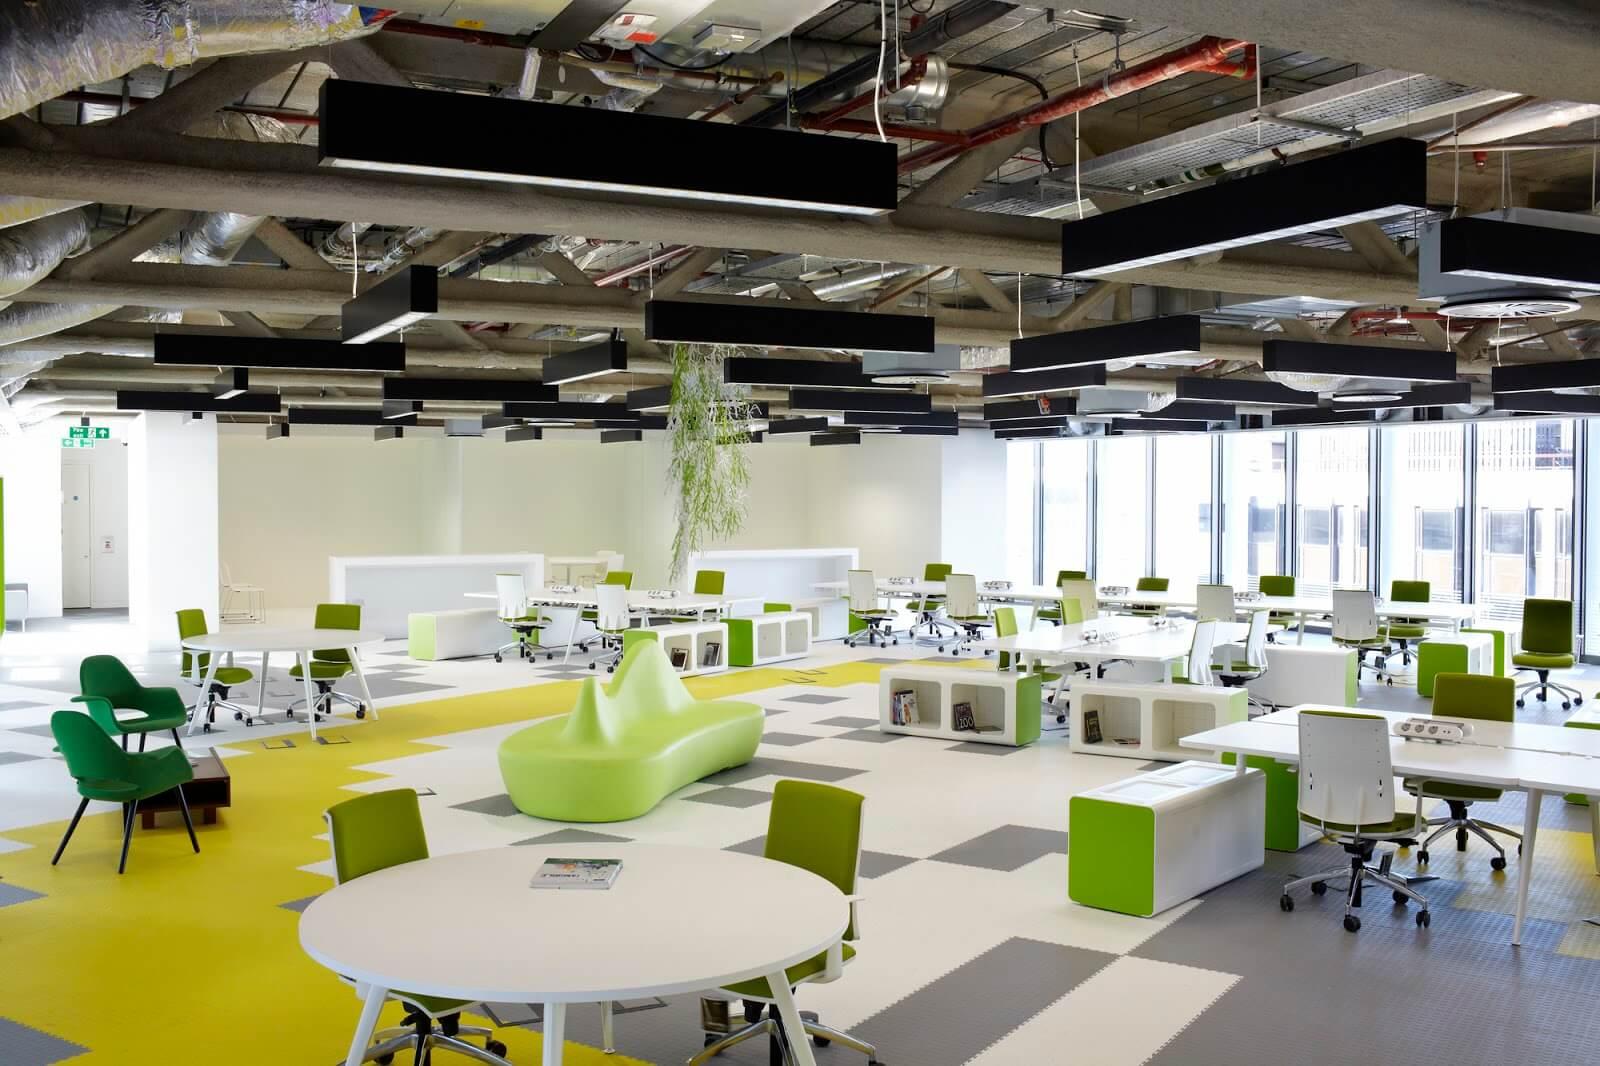 Giải pháp thiết kế nội thất văn phòng hiện đại giá rẻ đẹp cho công ty